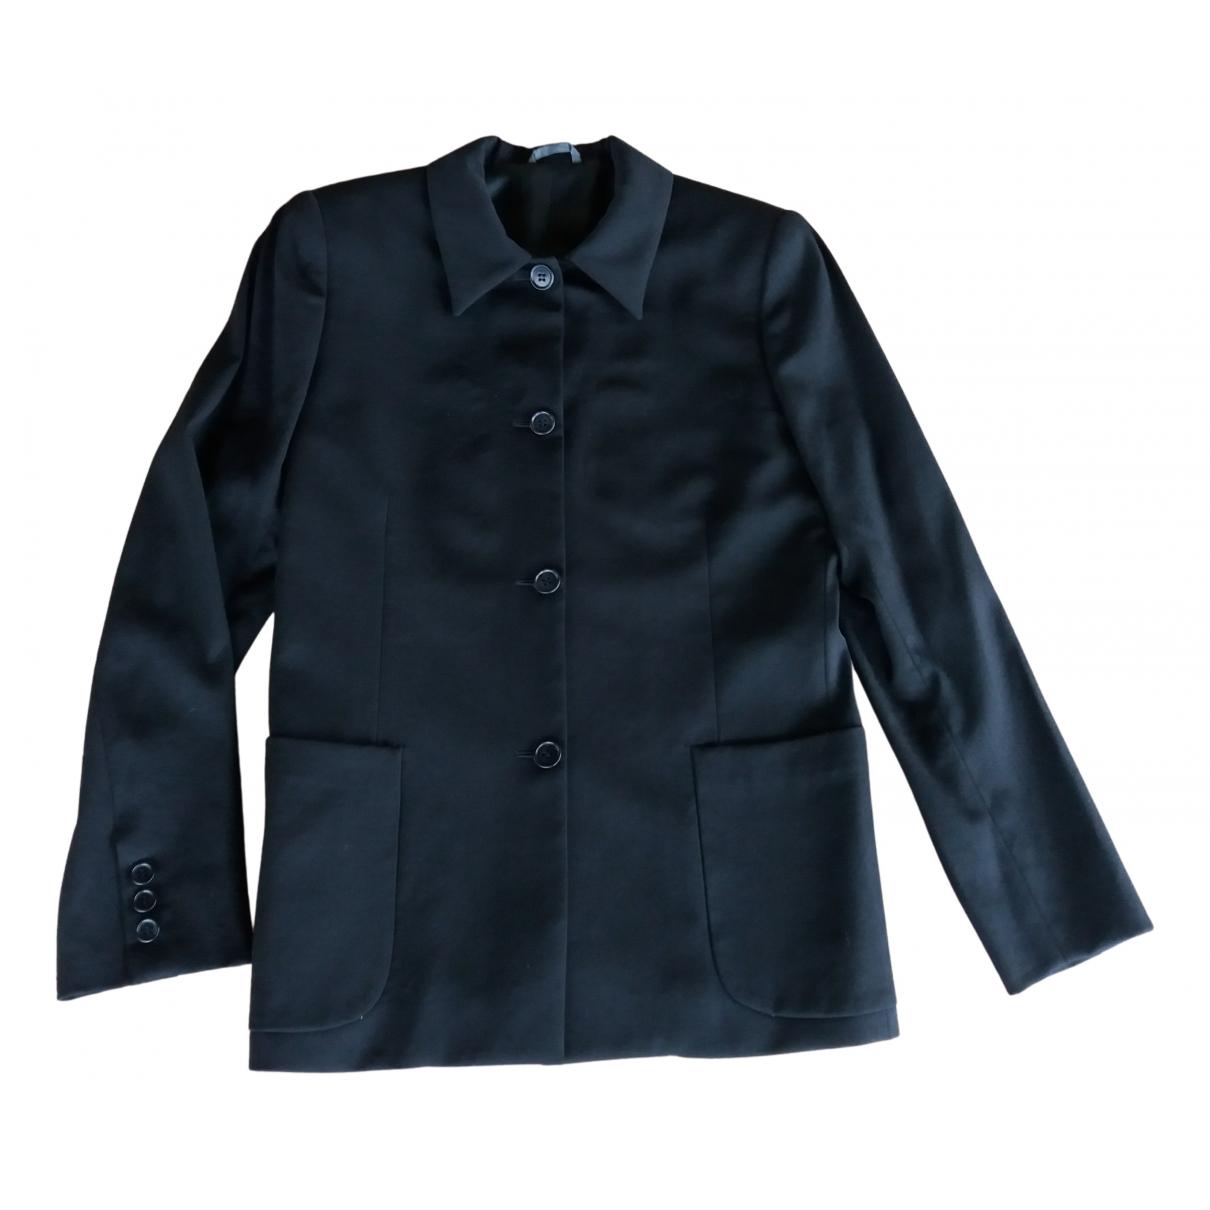 Tombolini - Veste   pour femme en laine - noir